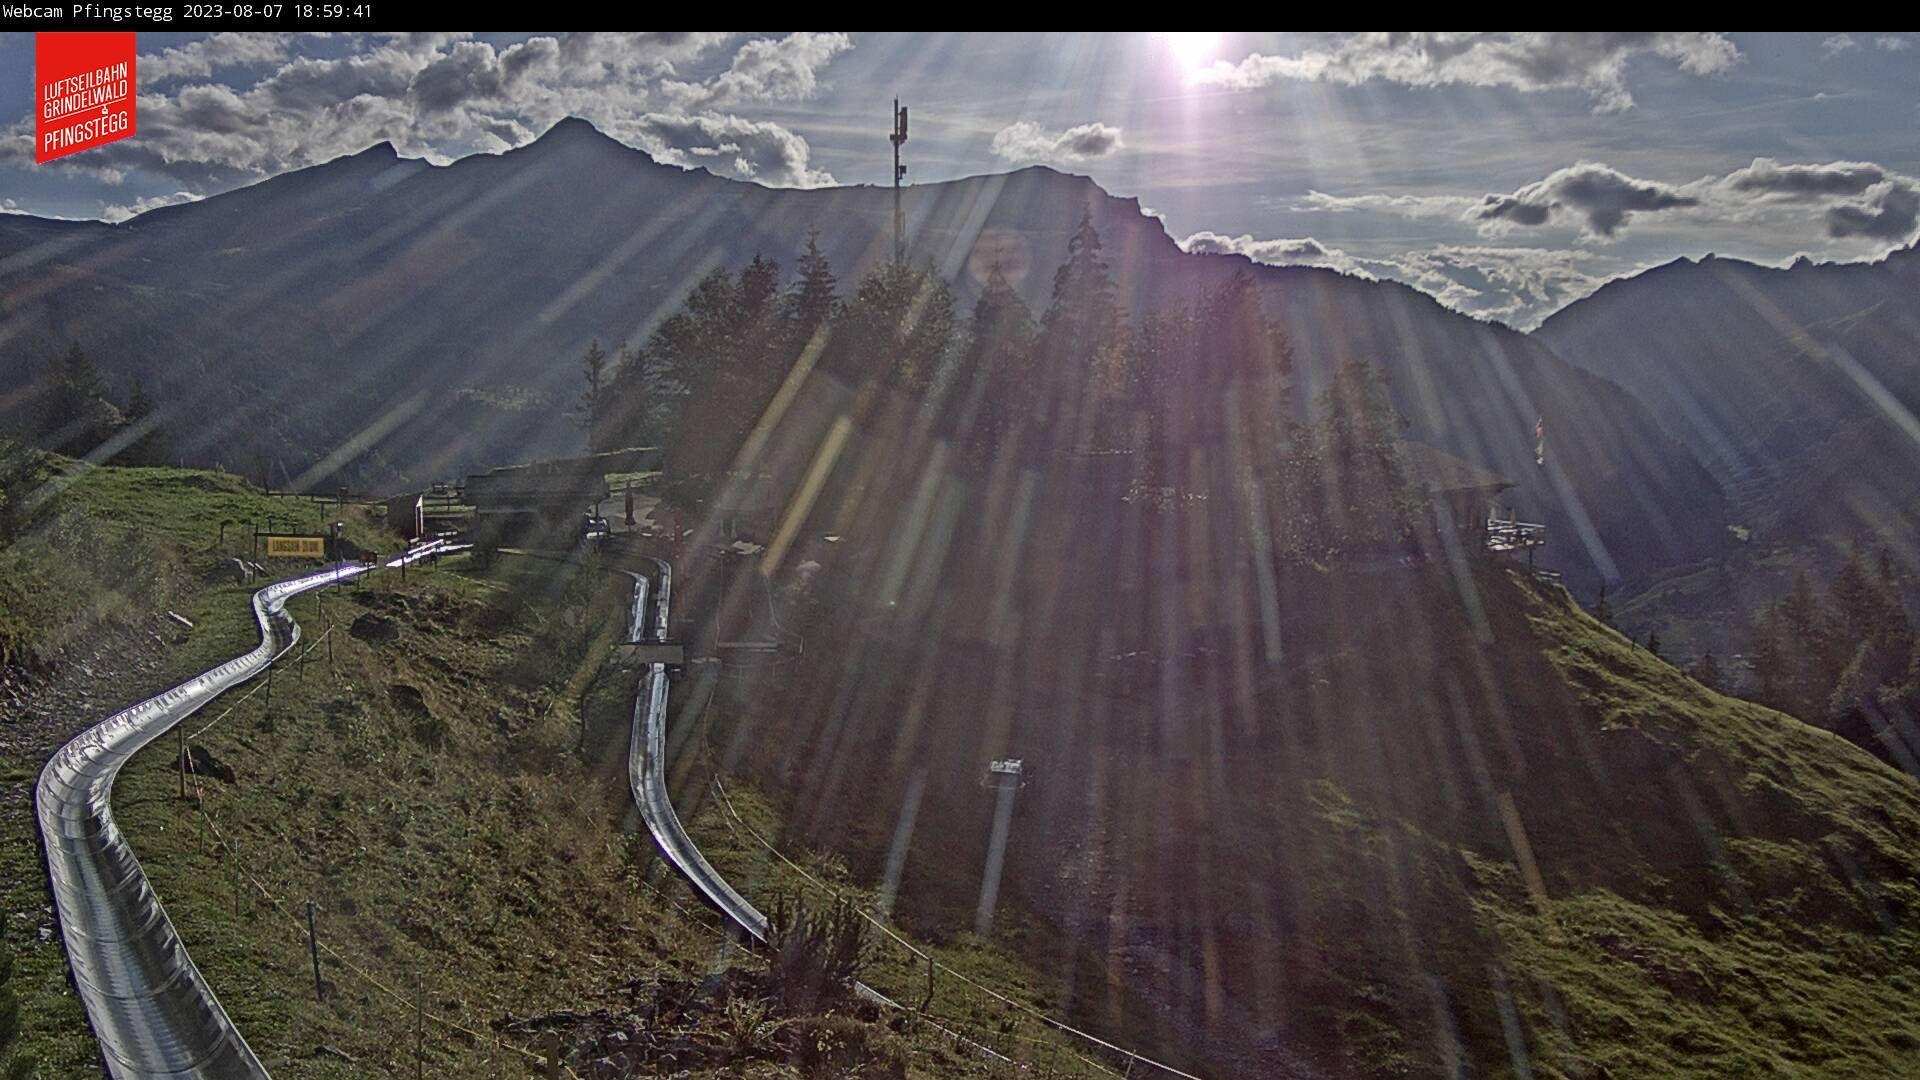 Grindelwald › West: Pfingstegg - Grindelwald Paradise - Kleine Scheidegg - Männlichen - Männlichen